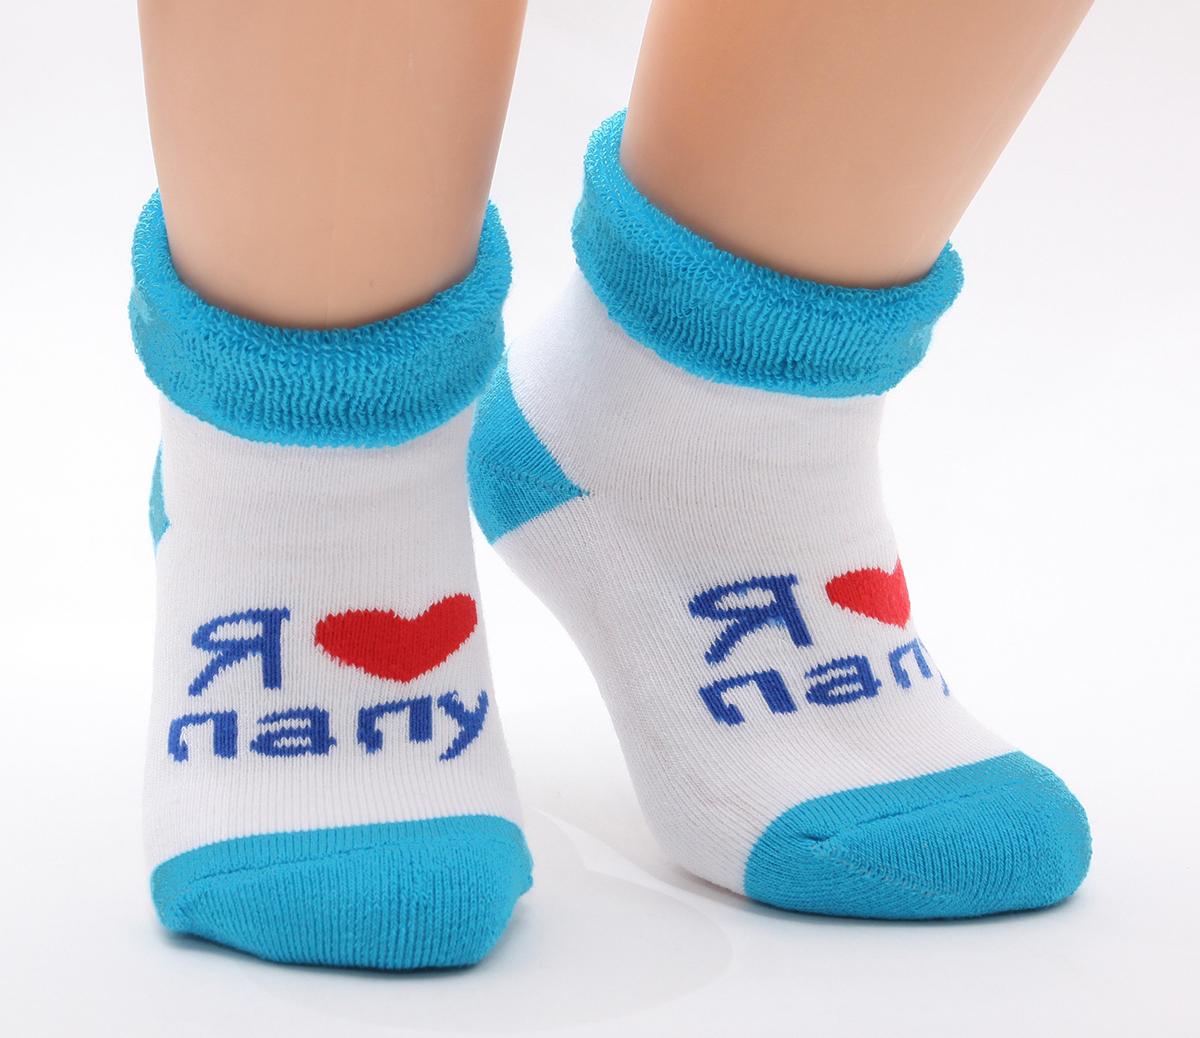 Носки детские Touch Gold, цвет: белый, синий. 128. Размер 0-12 месяцев128Махровые детские носочки изготовлены из высококачественного хлопка. Мягкая широкая резинка, не перетягивает ножку.